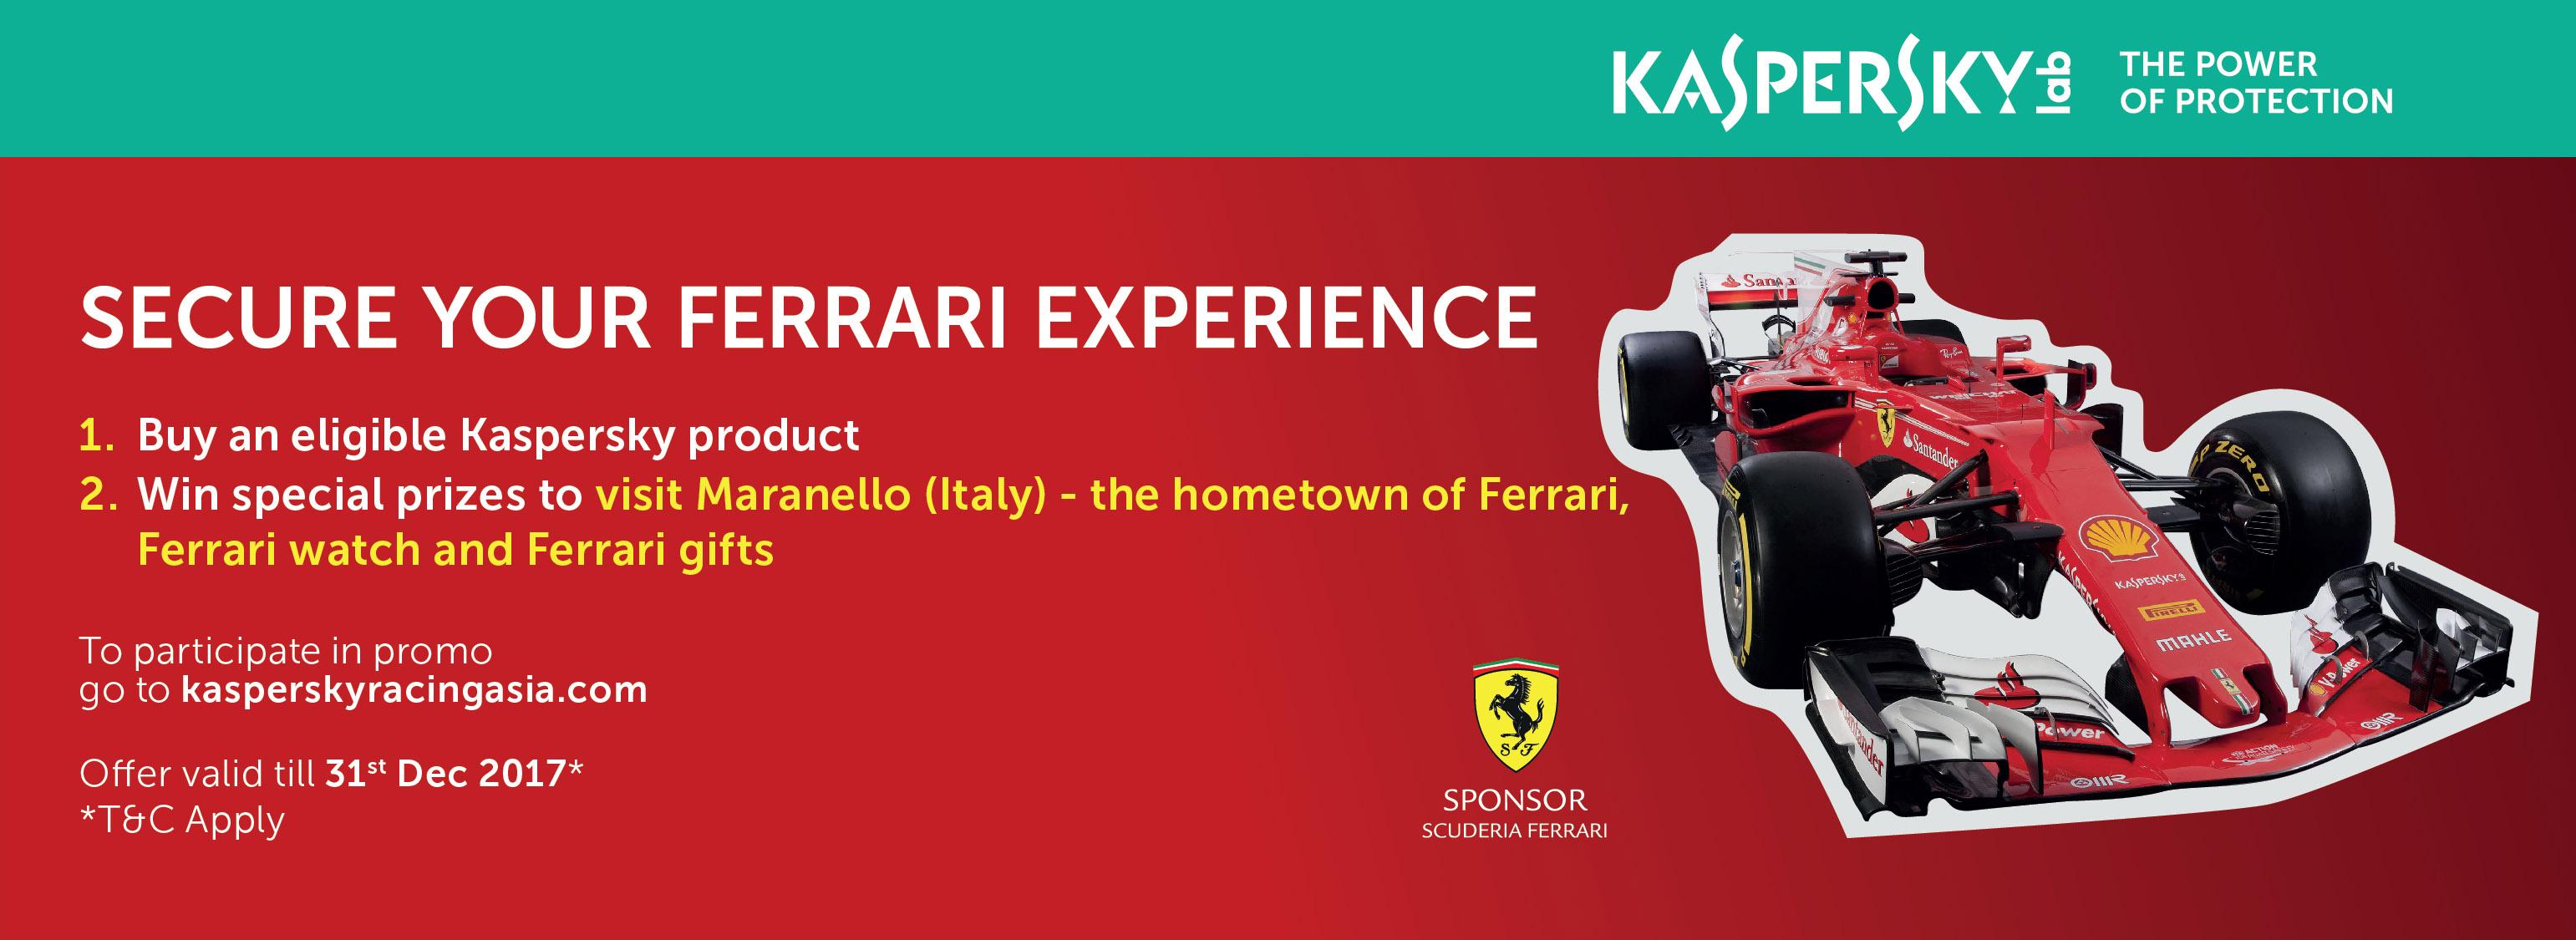 Ferrari_740x270